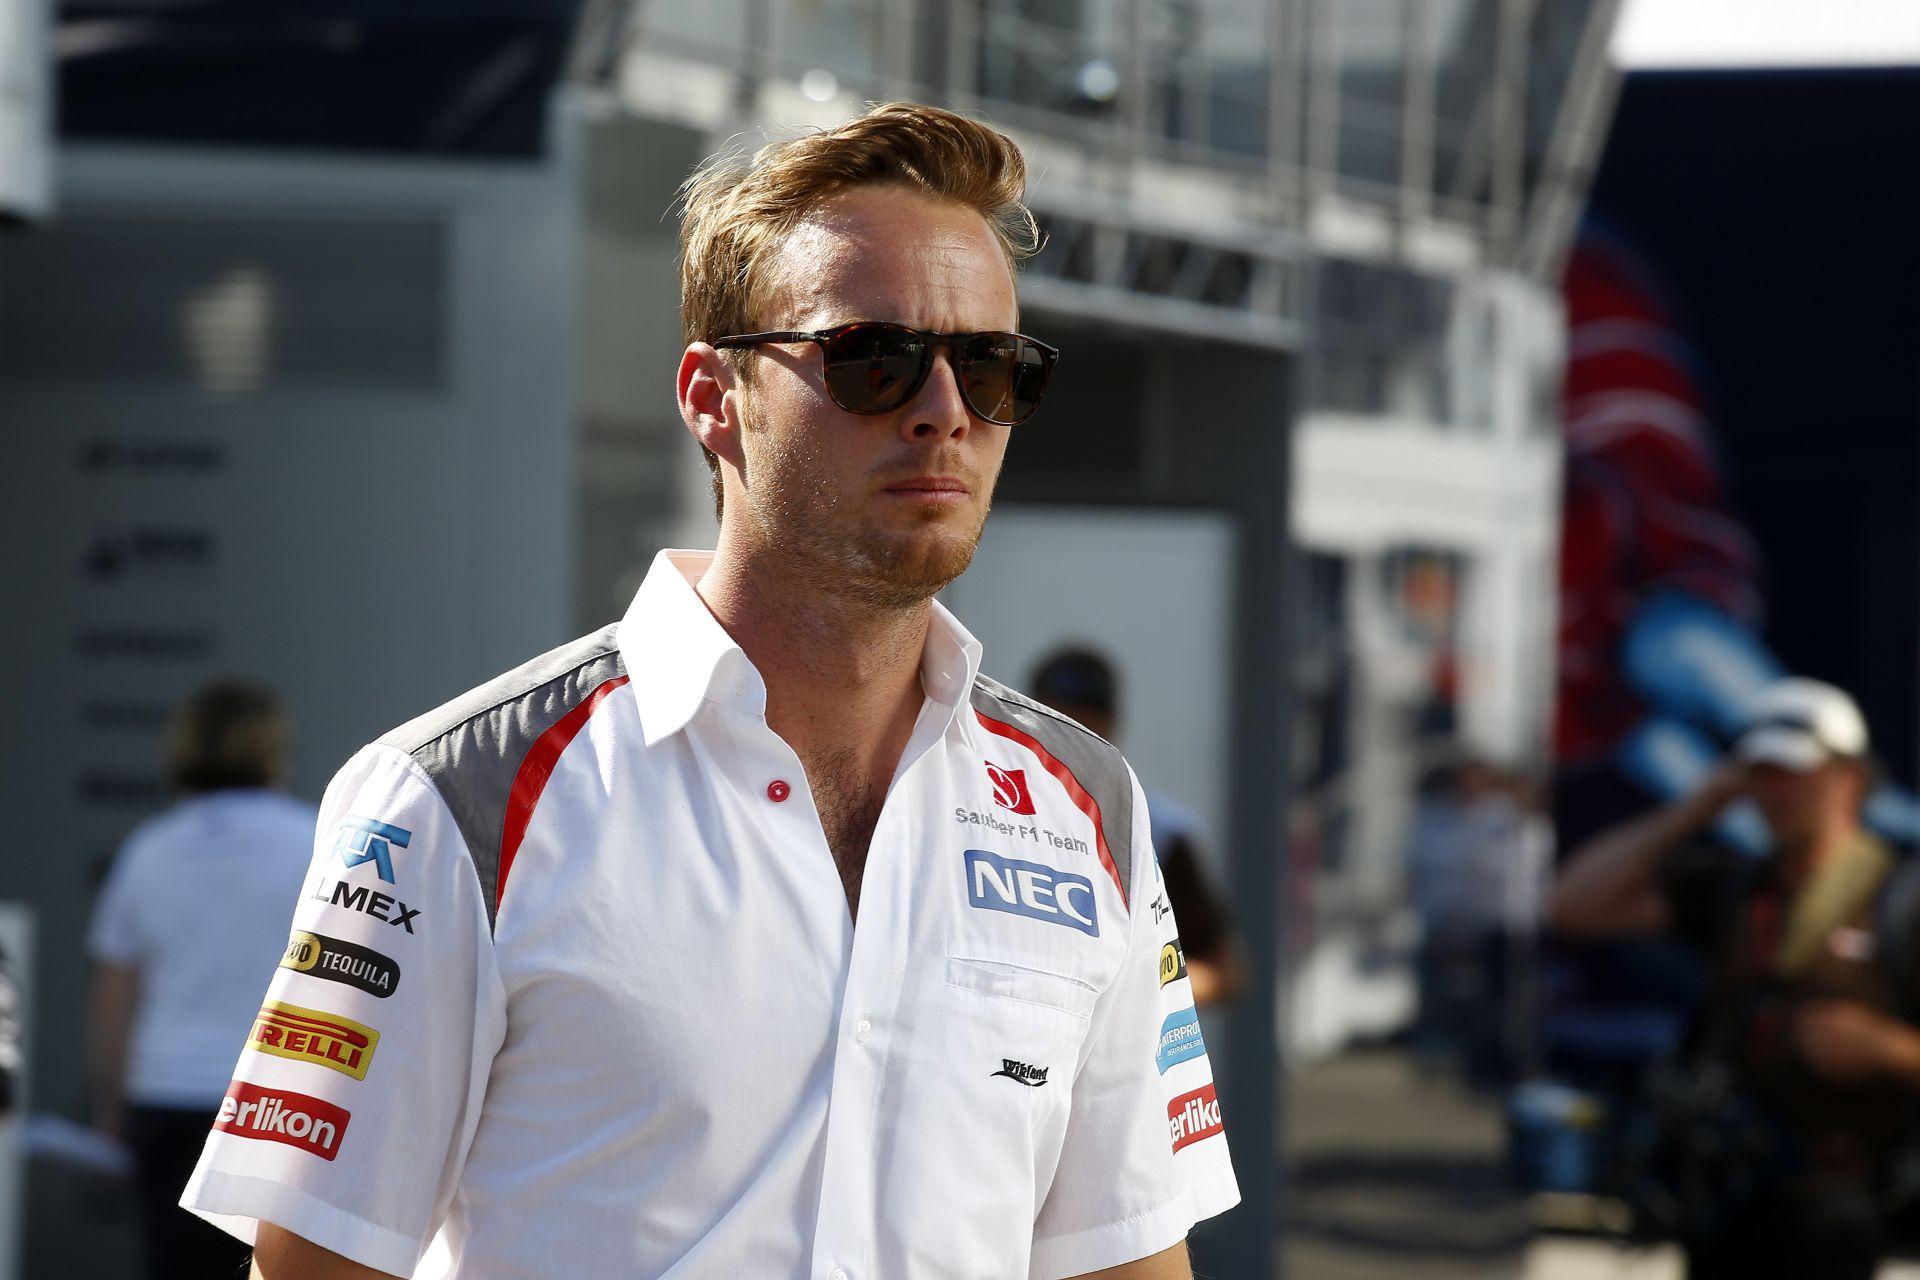 Hivatalos: Van der Garde és a Sauber közös megegyezéssel szerződést bontott egymással! Vége a holland F1-es karrierjének